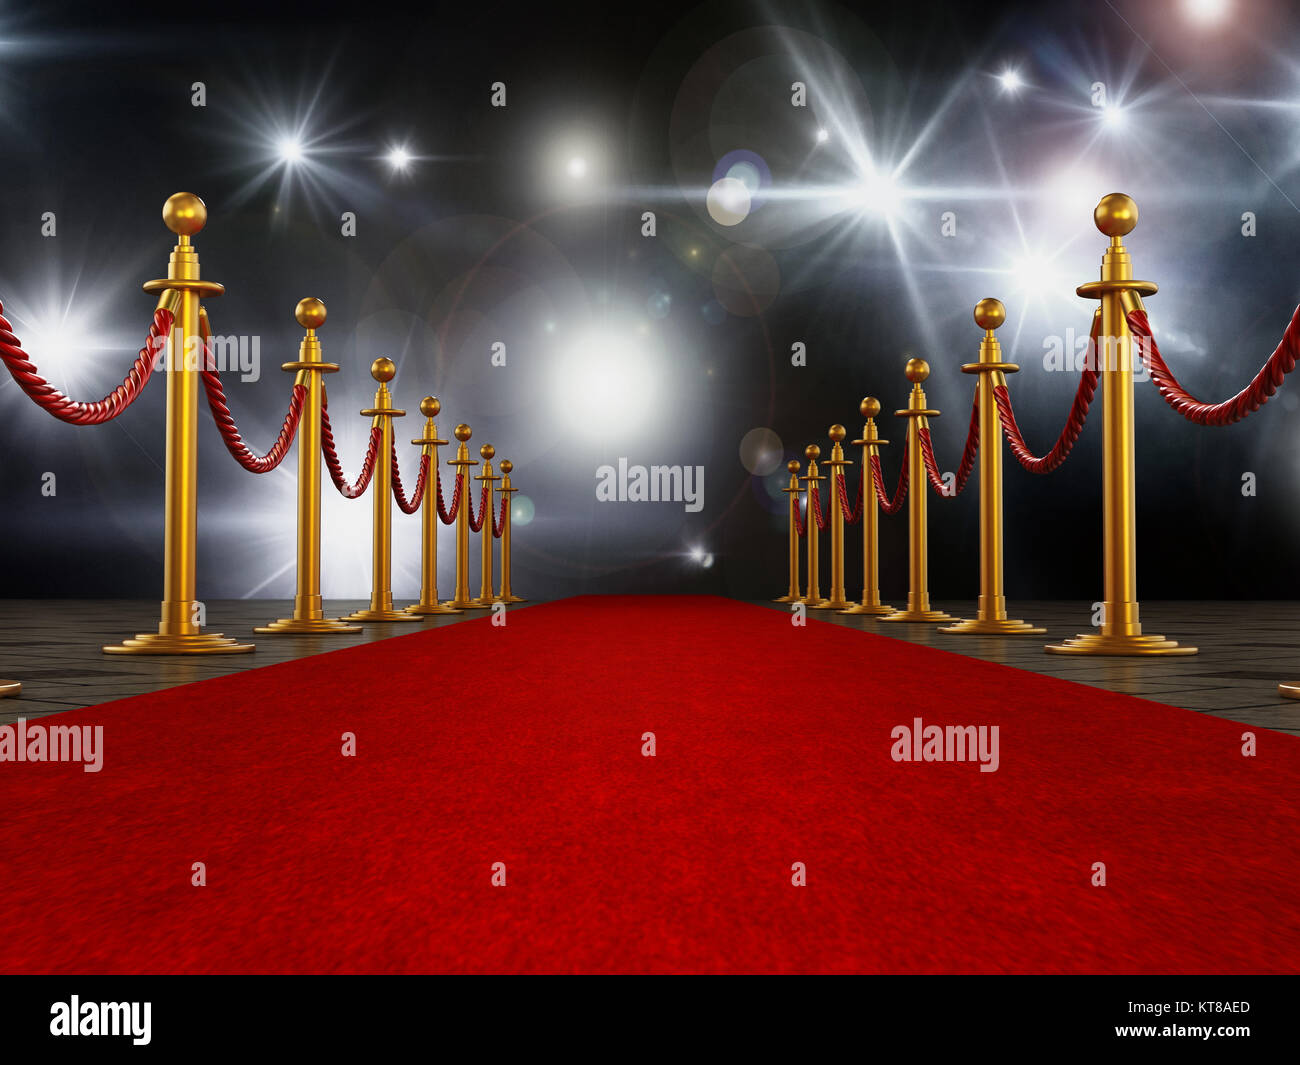 Roter Teppich und samt Seile auf Gala Nacht Hintergrund. 3D-Darstellung. Stockbild